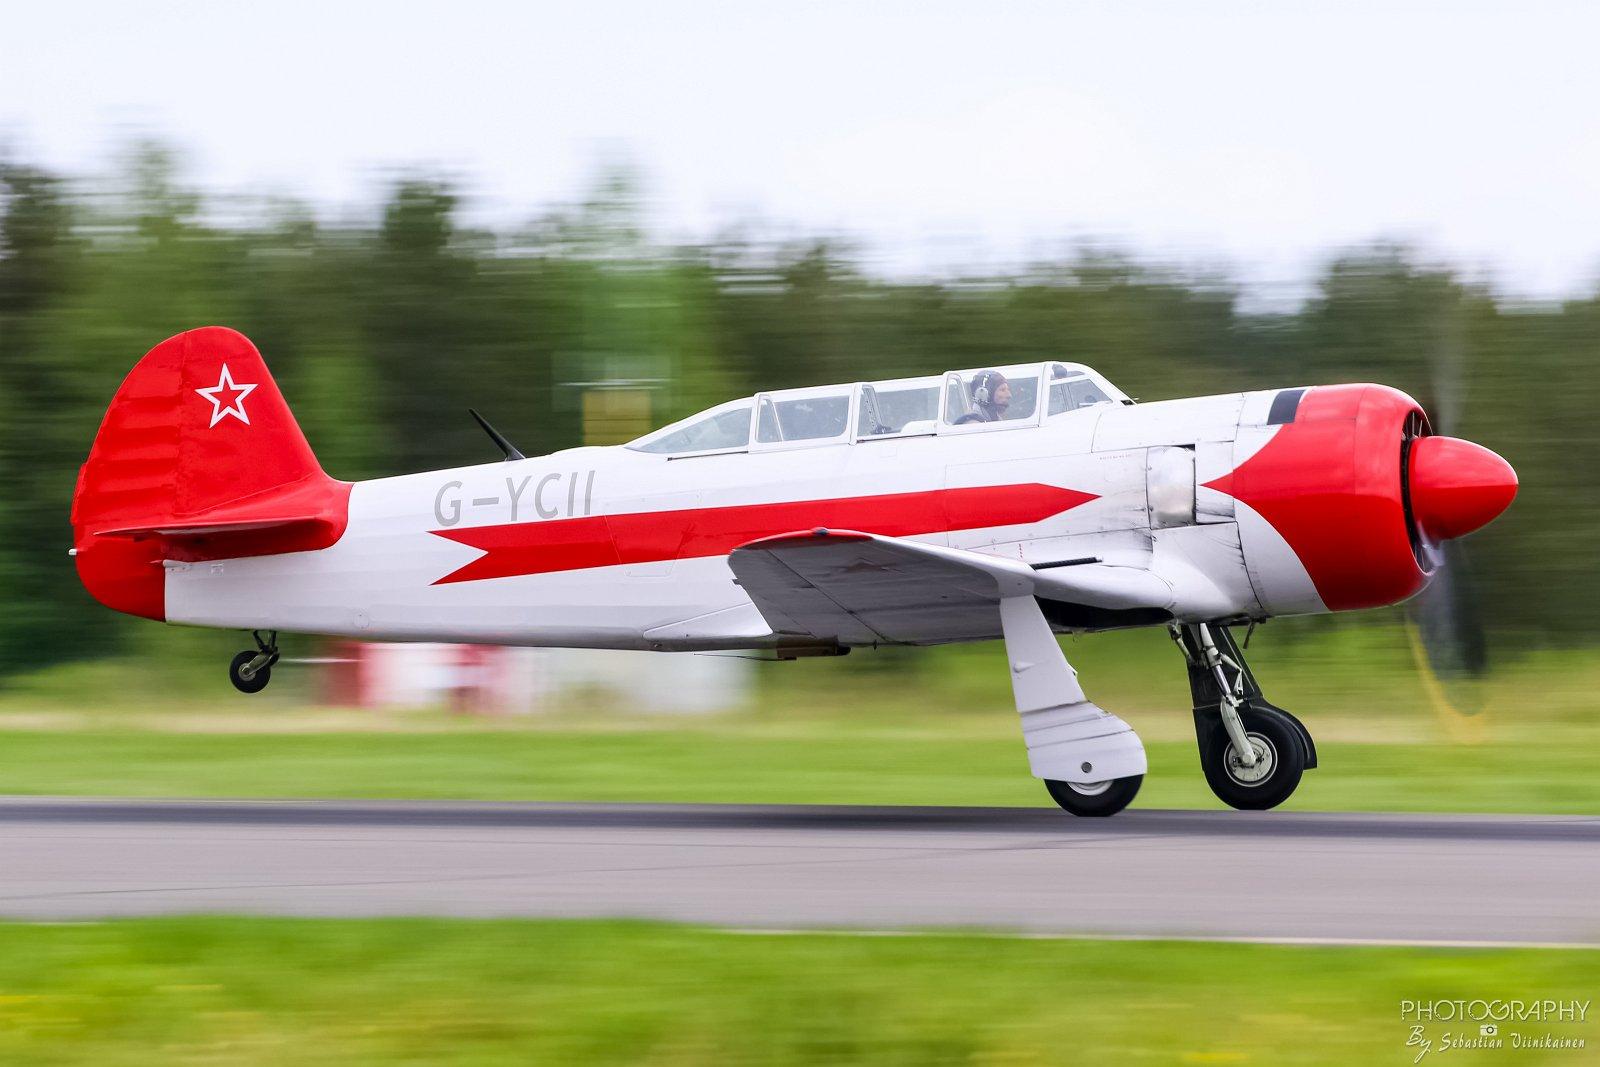 G-YCII LET C-11